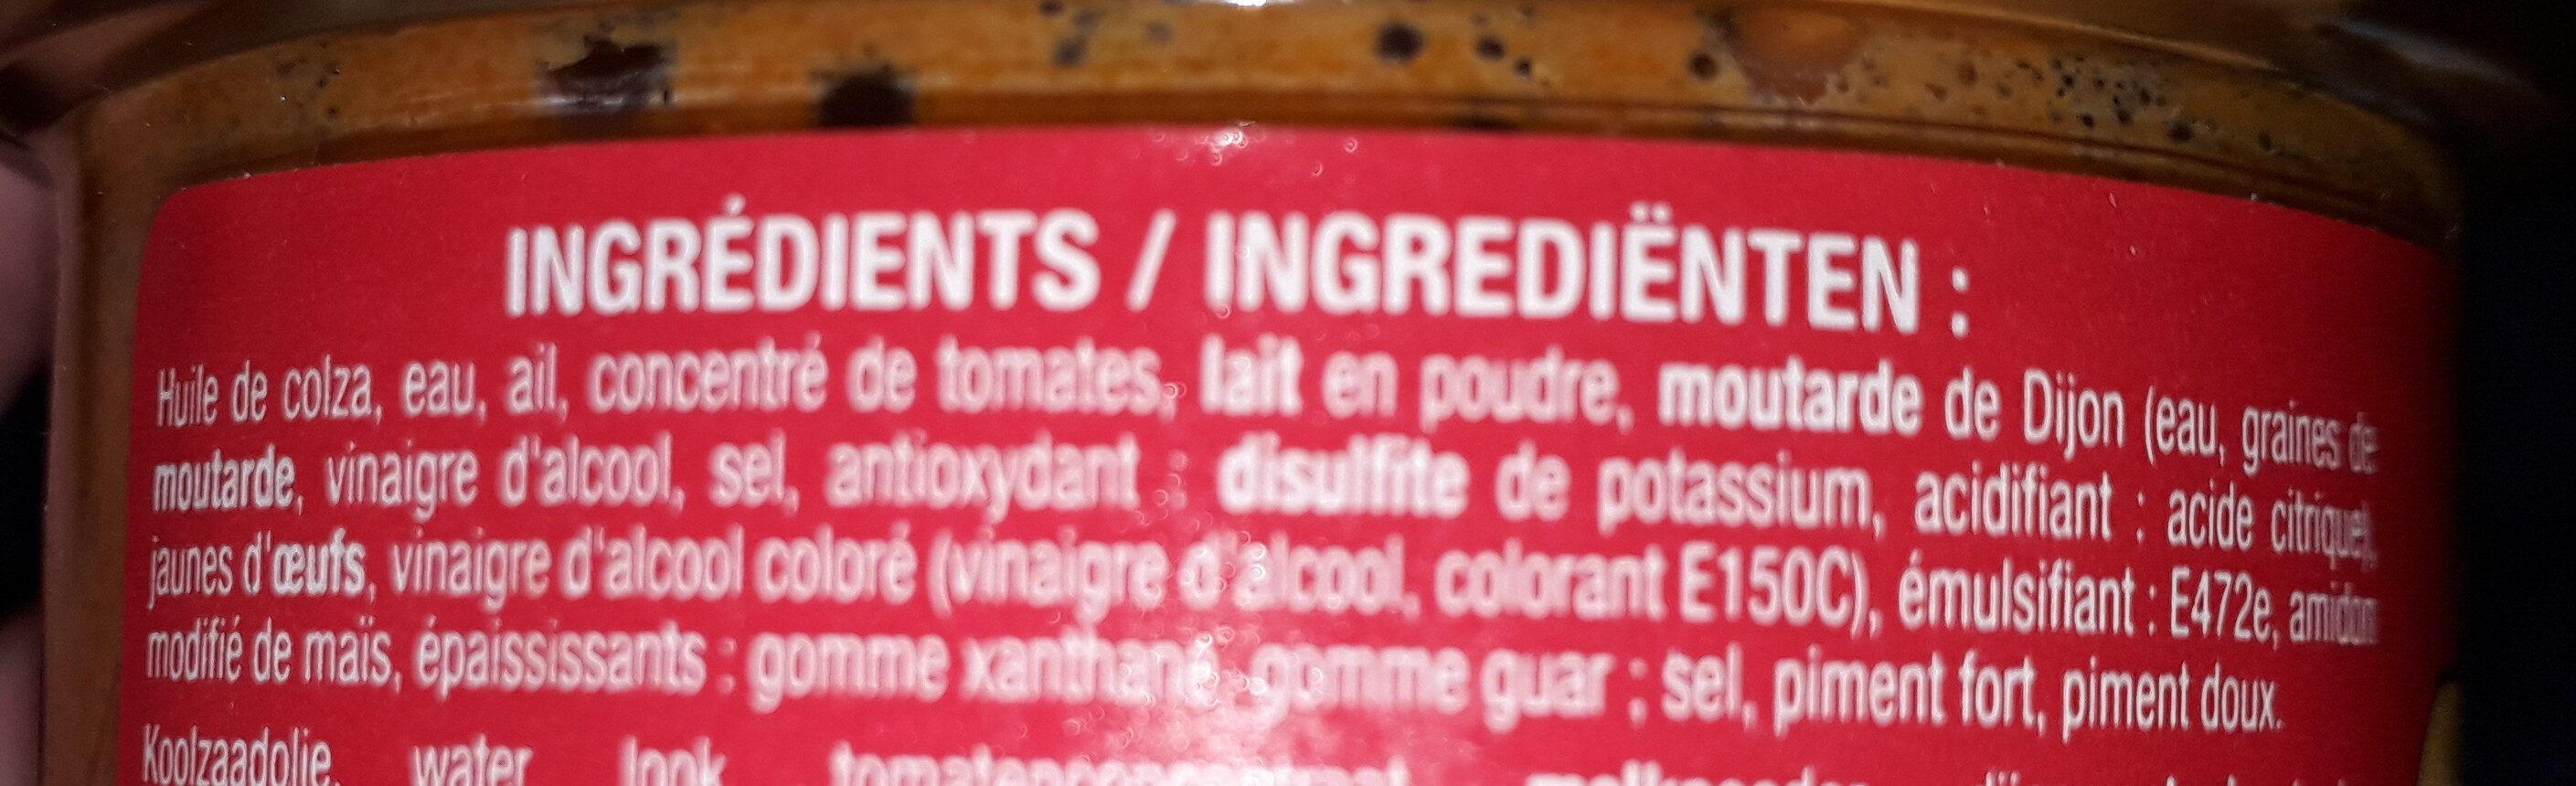 Rouille a la provencale - Ingredients - fr